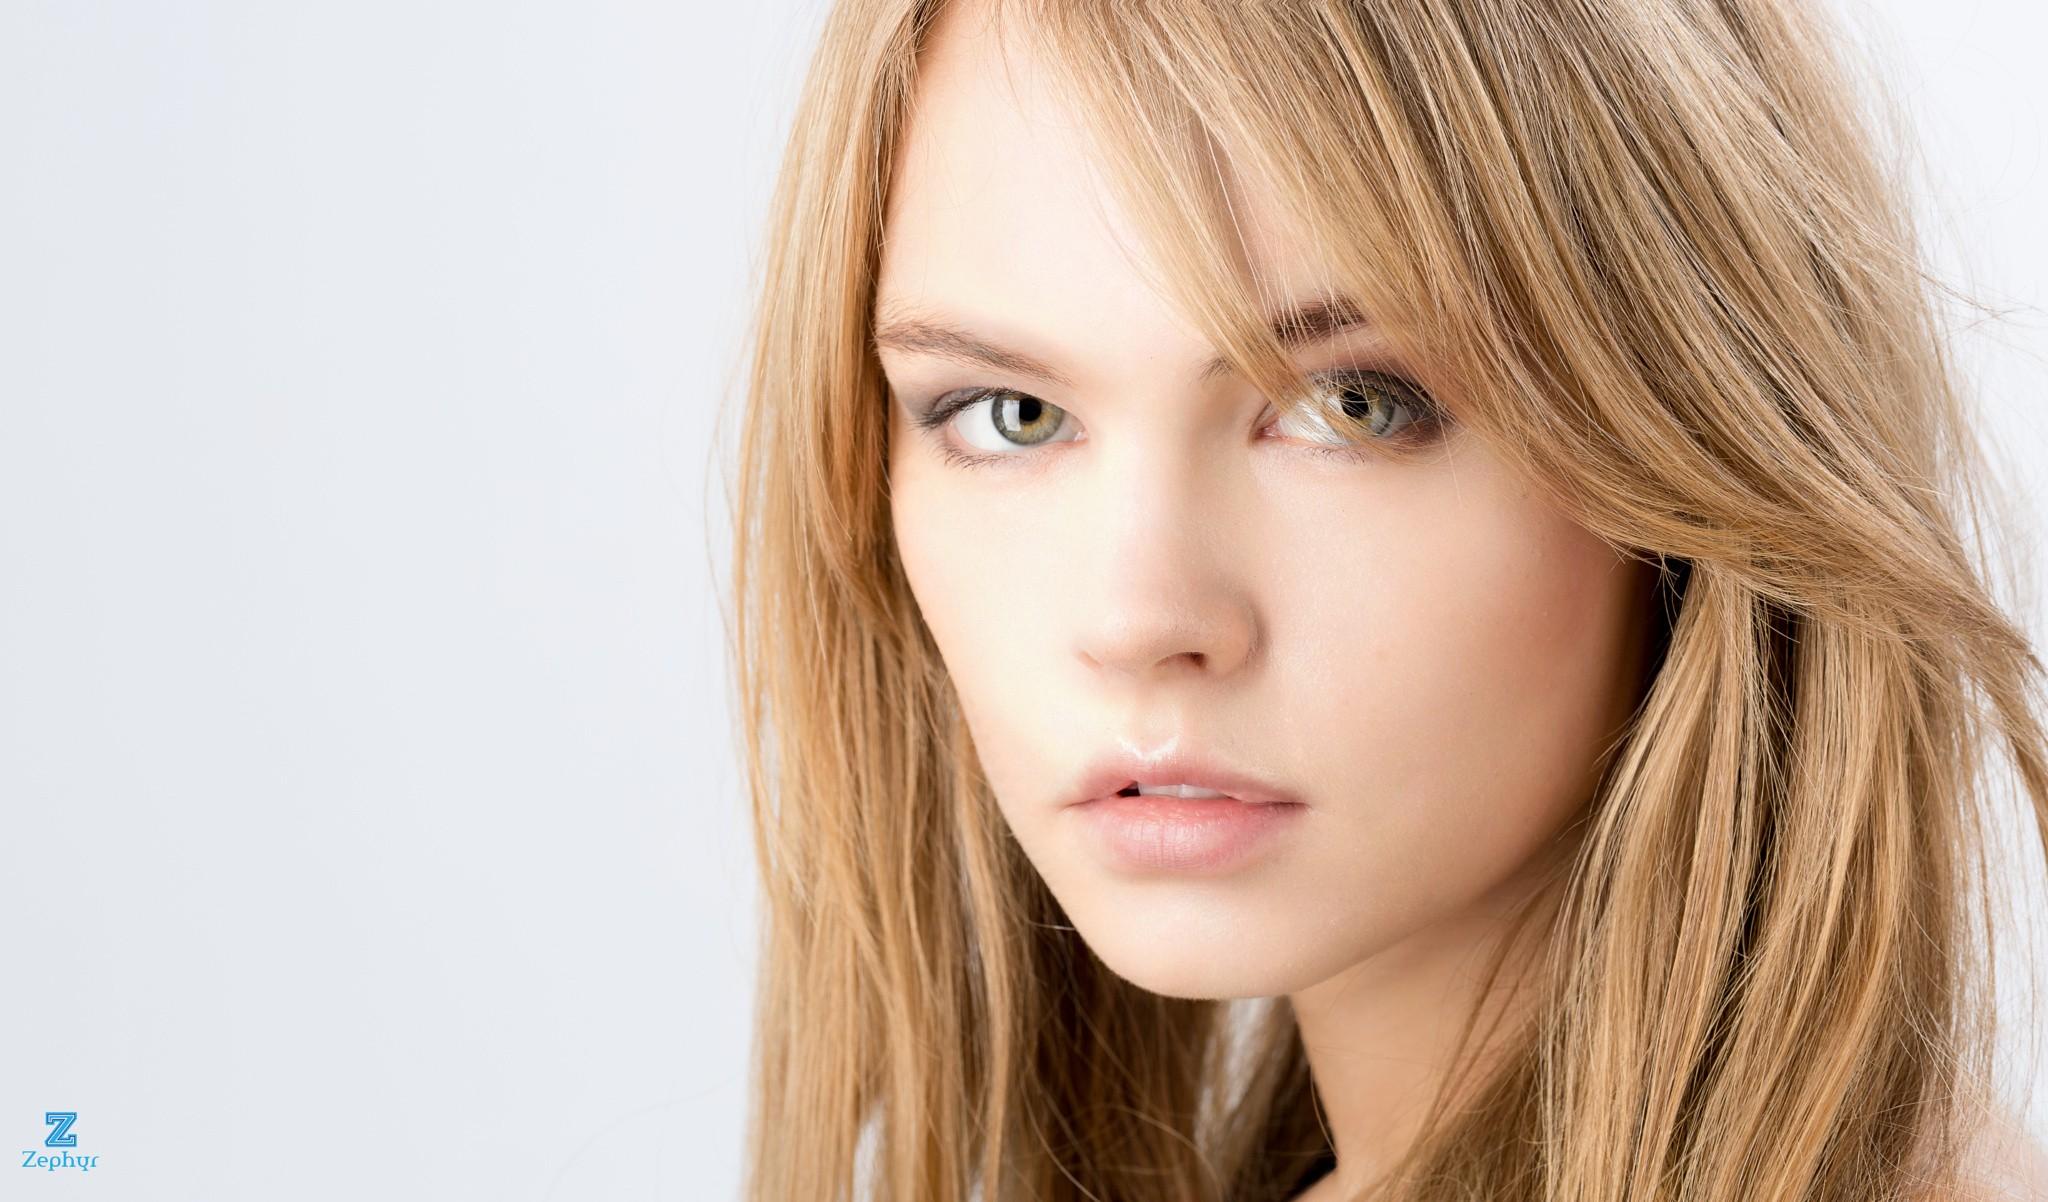 Wallpaper Face Women Model Blonde Long Hair Anastasia